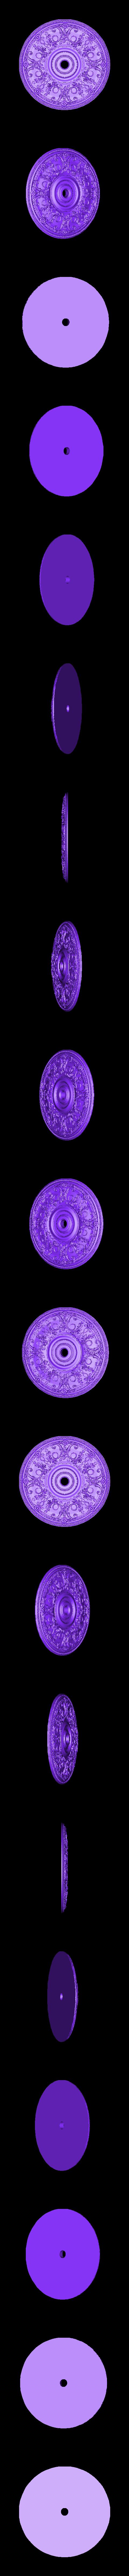 36.obj Télécharger fichier OBJ gratuit Moulures vintage pour vieux appartements classiques cnc art machine à router 3D printed • Modèle à imprimer en 3D, 3DPrinterFiles